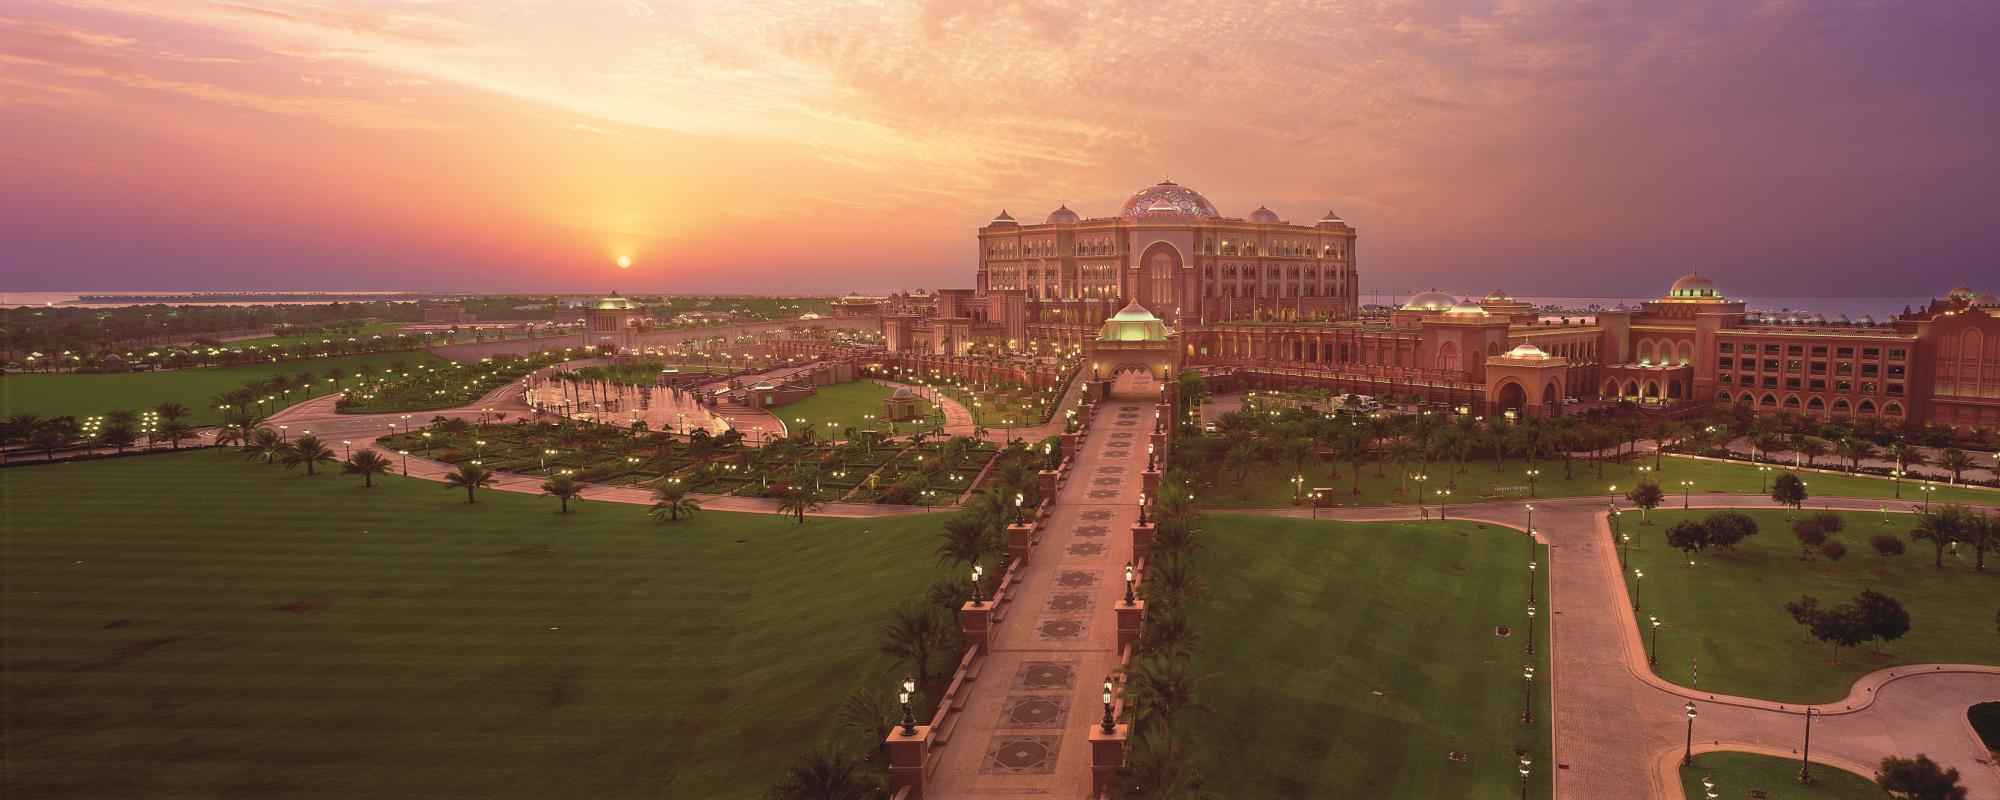 Emirates Palace Hotel In Abu Dhabi Visitabudhabi Ae